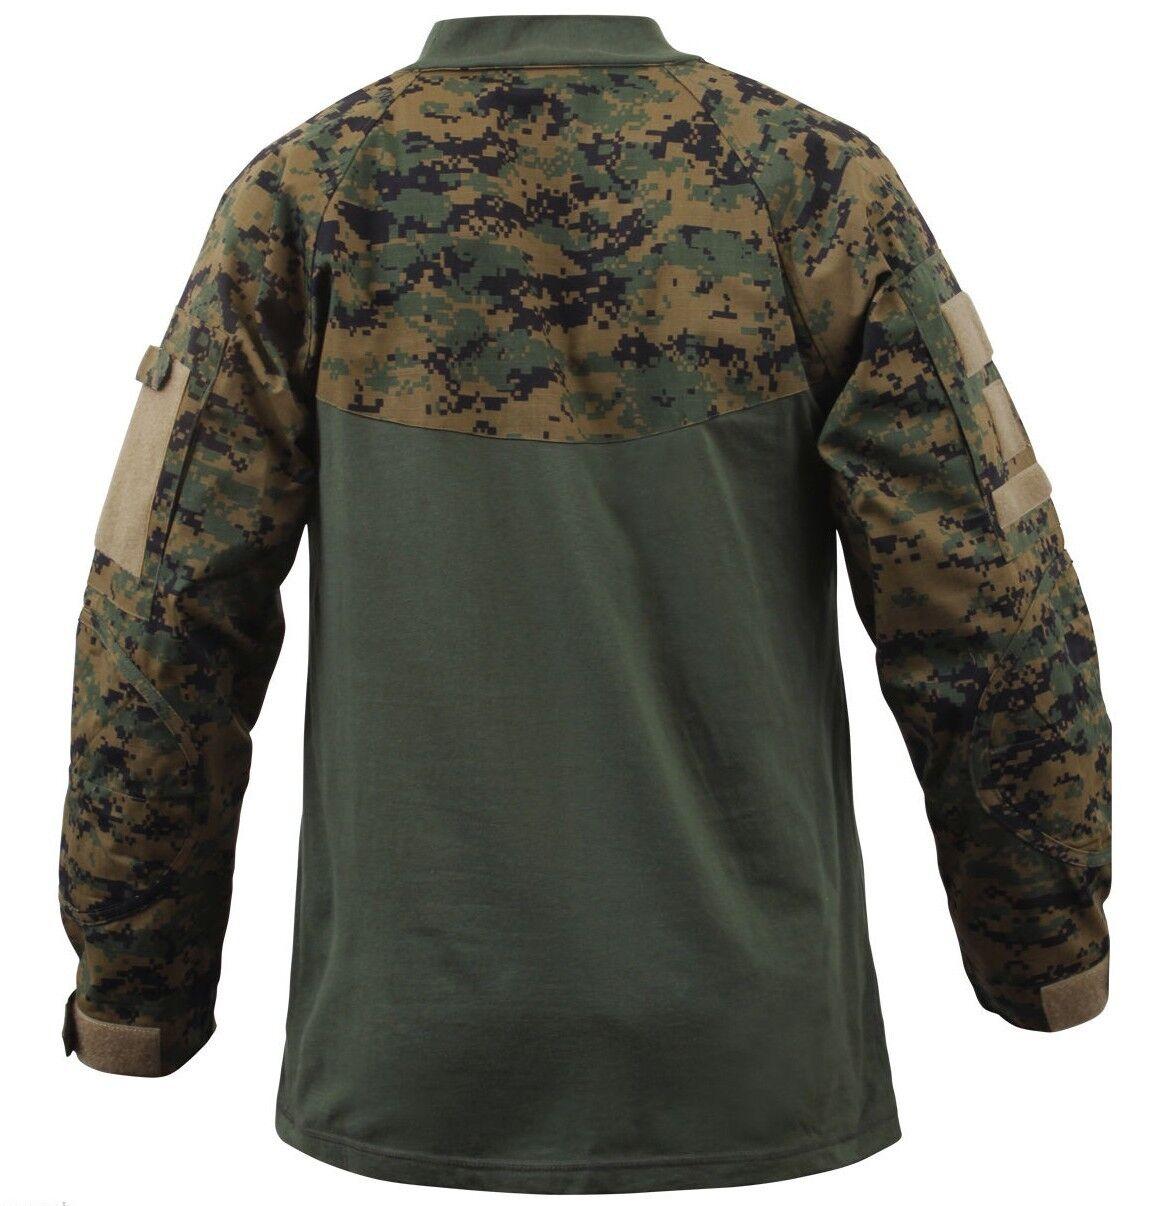 Camicia Militare Militare Militare Woodland Digital Camo Tactical Stile Varie Taglie Rothco 90005 e62974